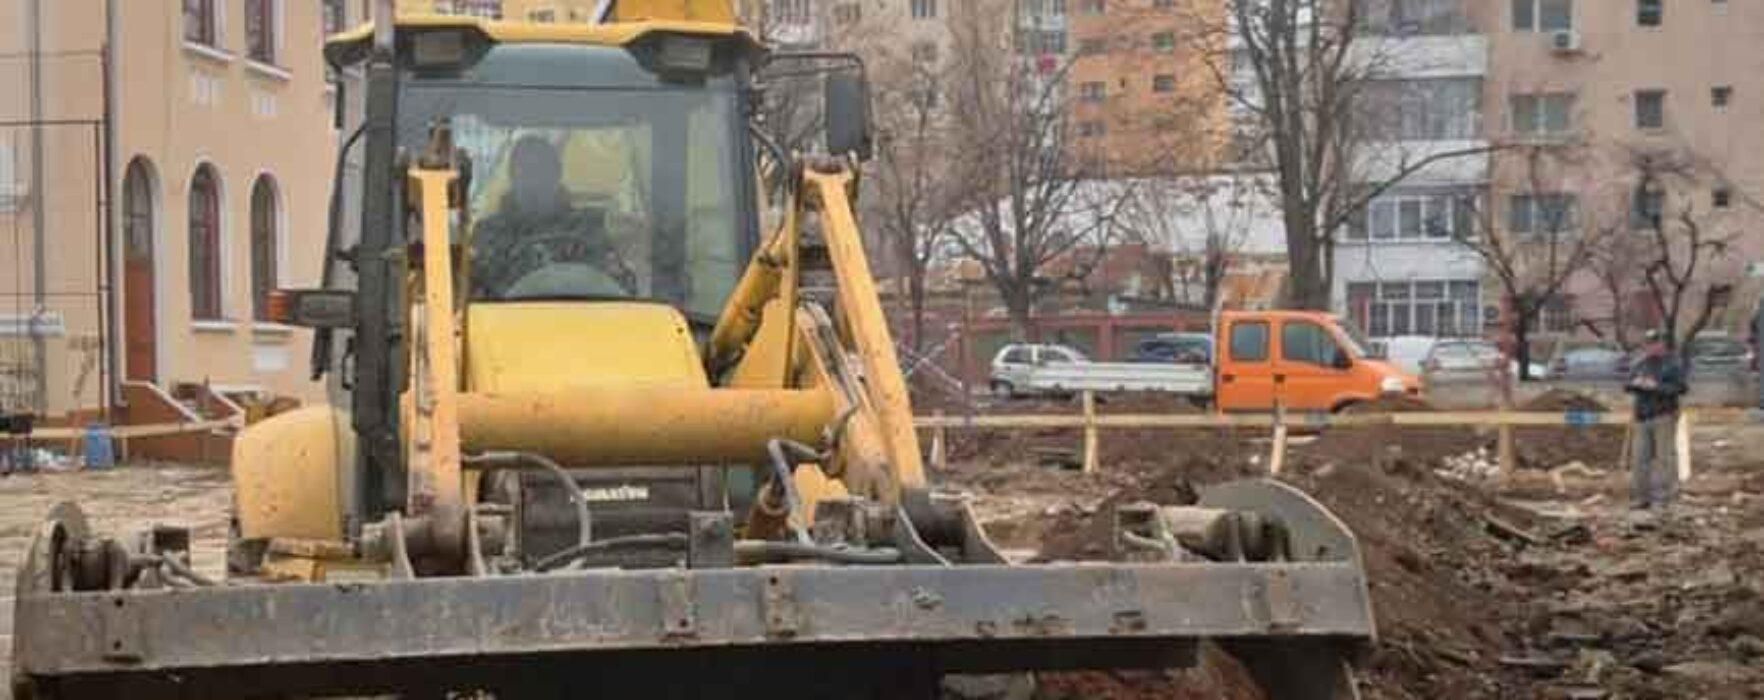 Primarul Târgoviştei anunţă că de la începutul anului se lucrează la cinci investiţii la unităţi de învăţământ